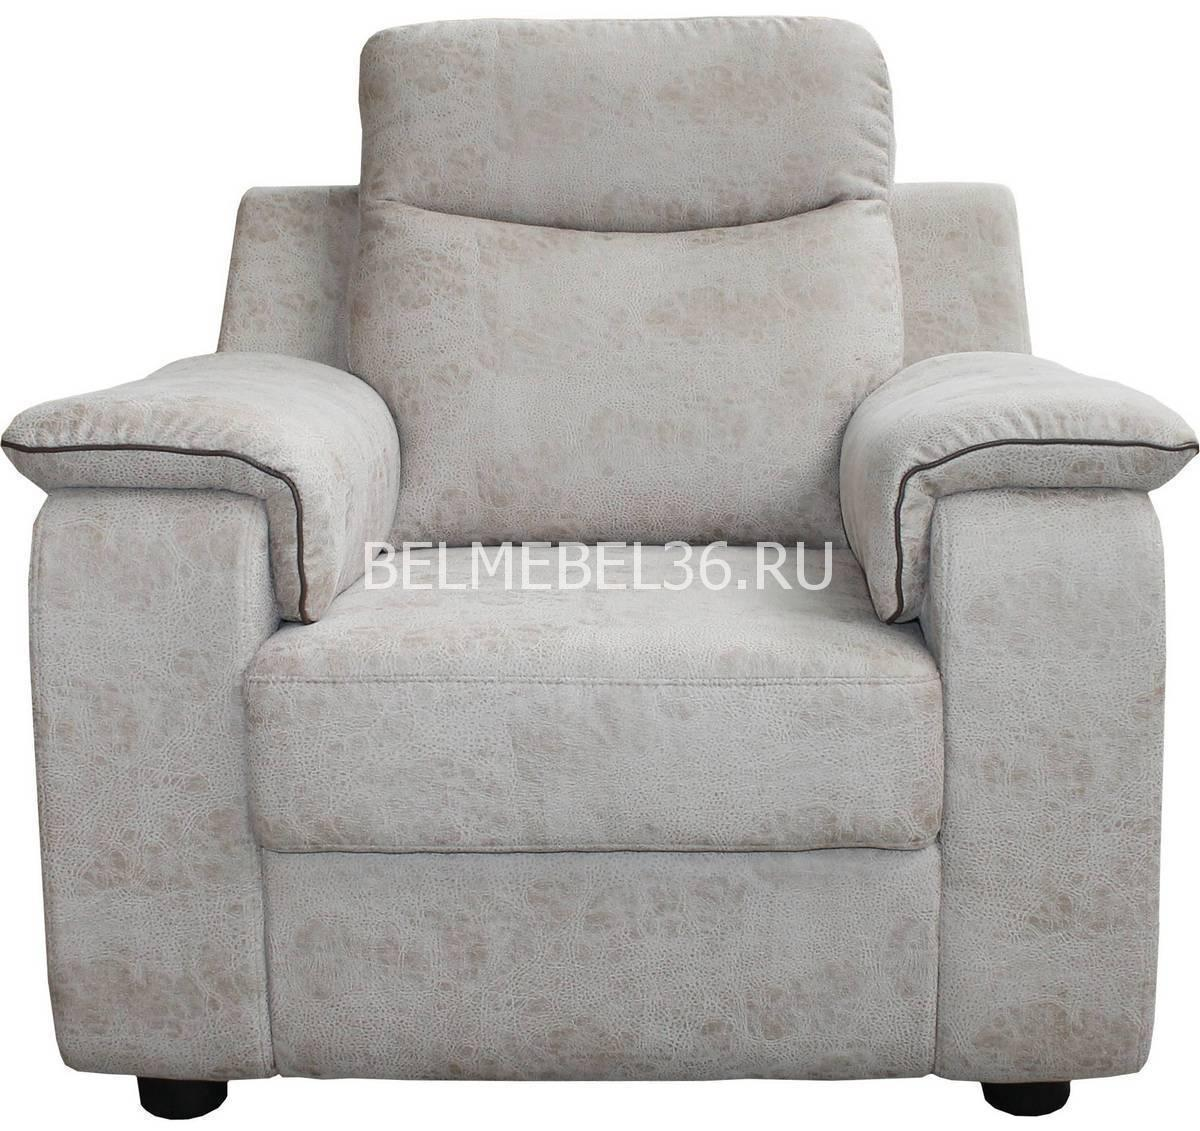 Кресло Люксор (12) П-Д035 | Белорусская мебель в Воронеже